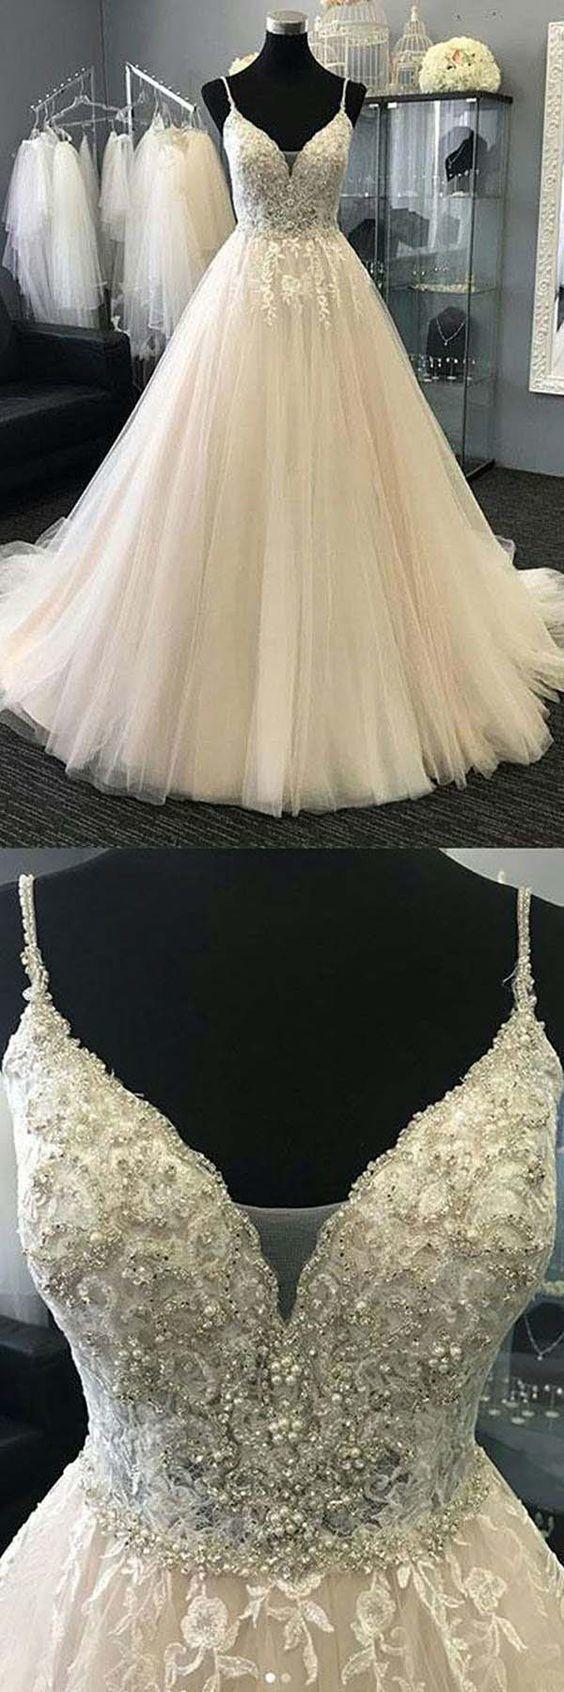 Elfenbein Tüll Brautkleid mit Perlen Applikationen – Hochzeit und Braut